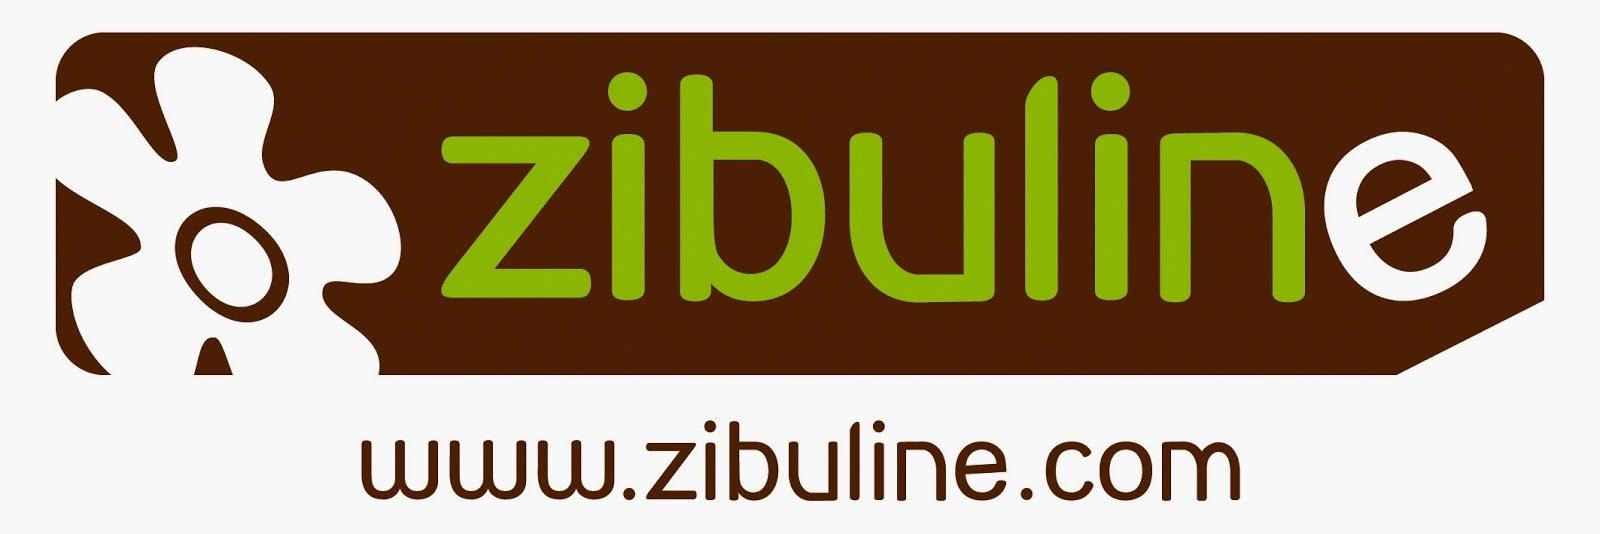 DT ZIBULINE juin 2014-Aout2015